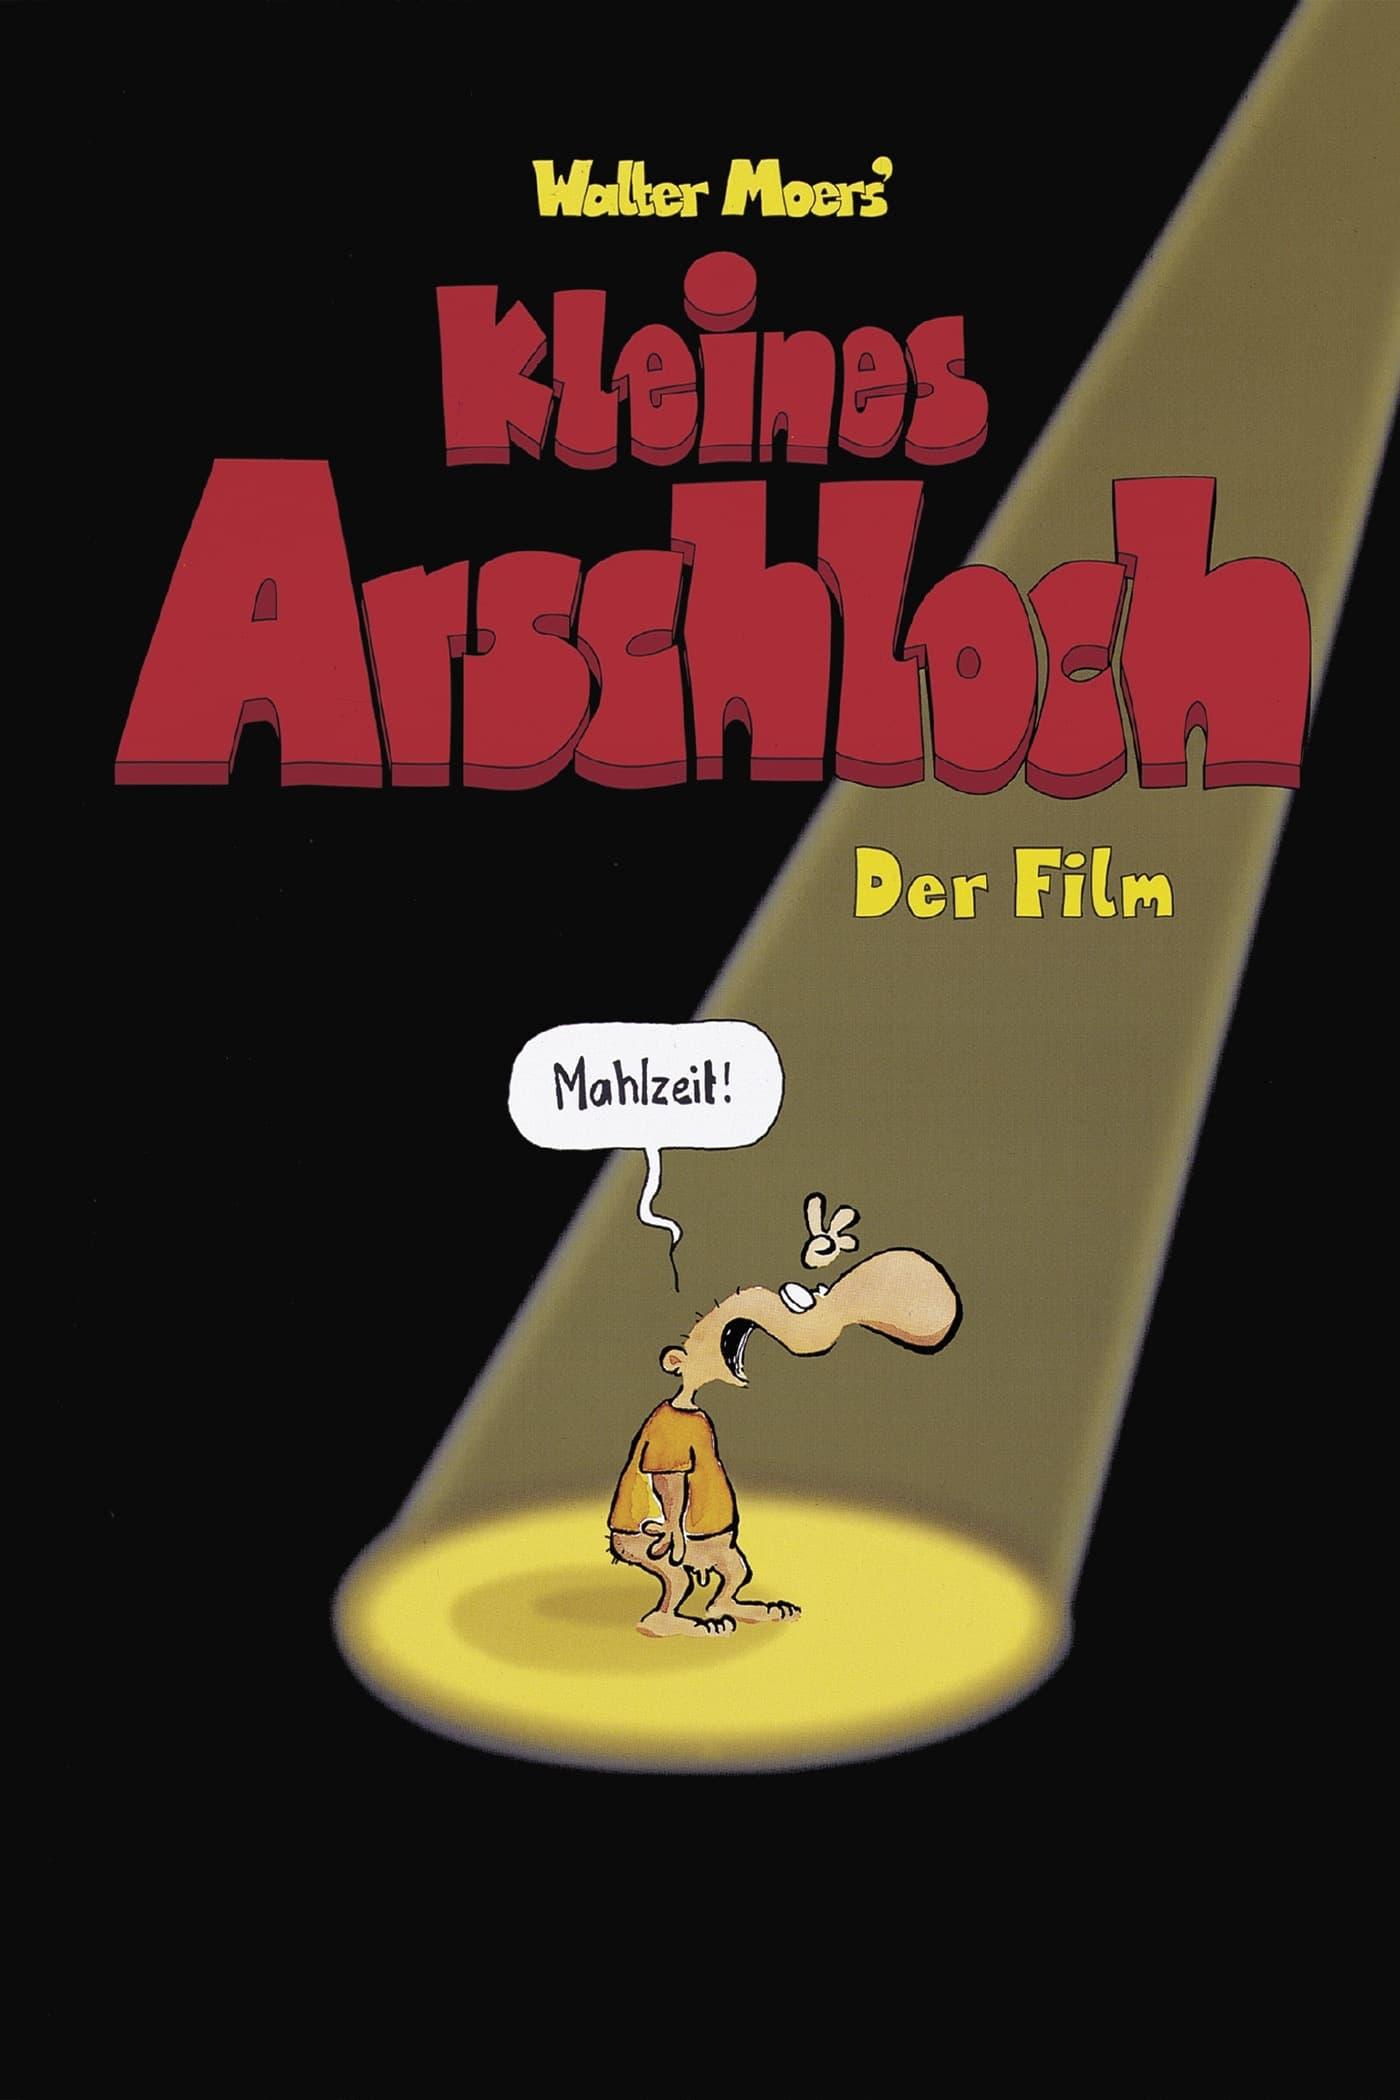 Arschloch Französisch